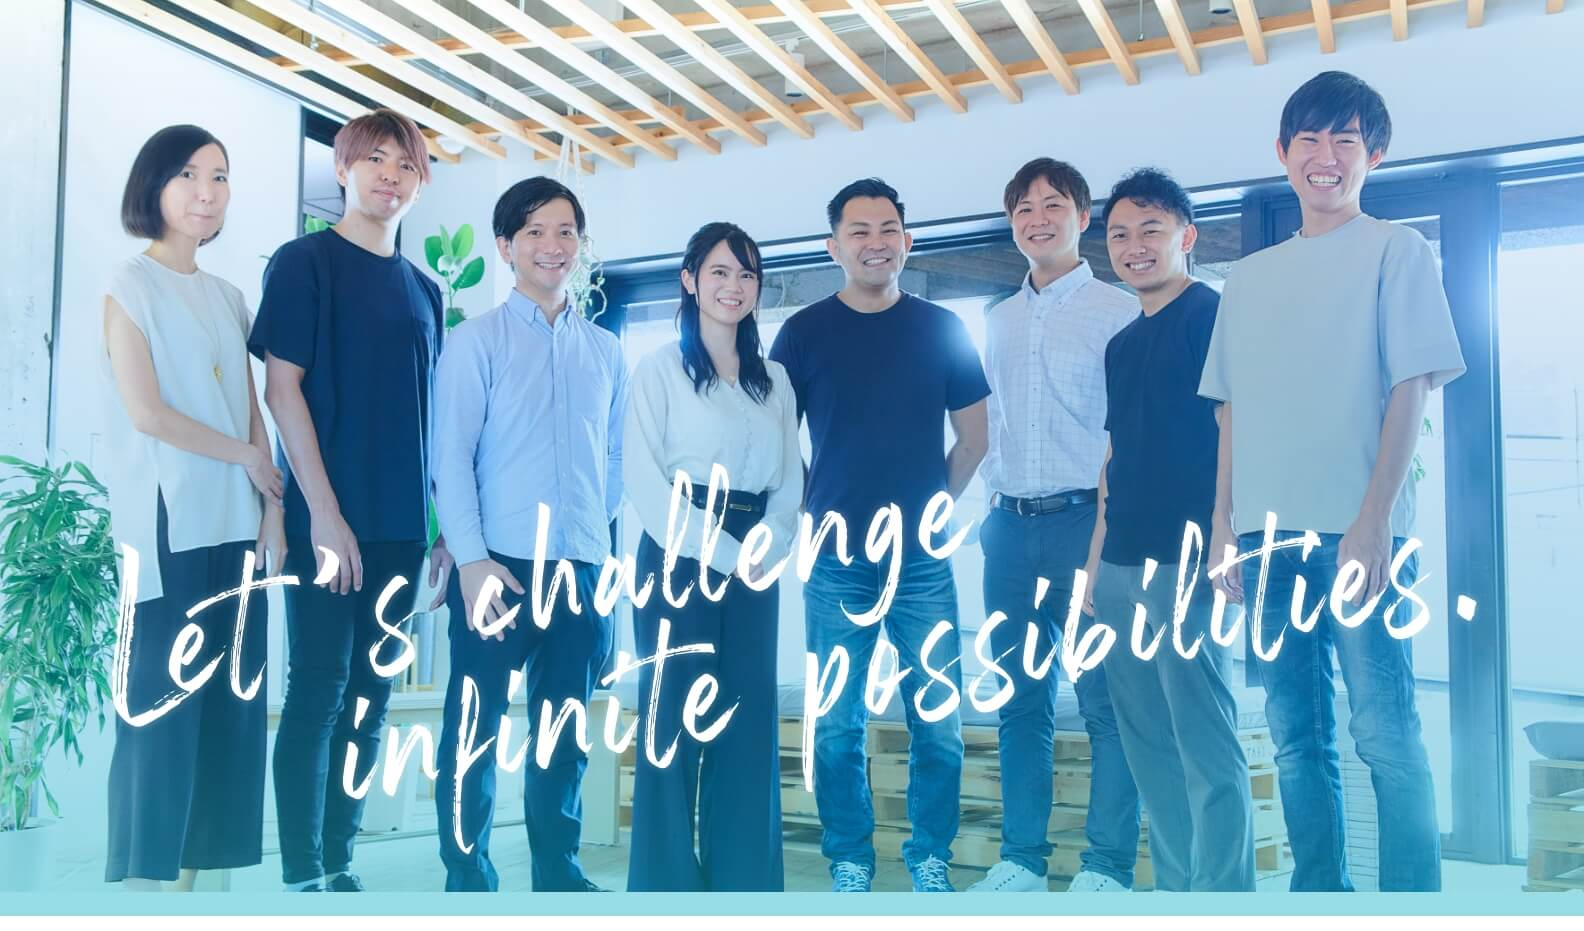 Let's challenge infinite possibilities.